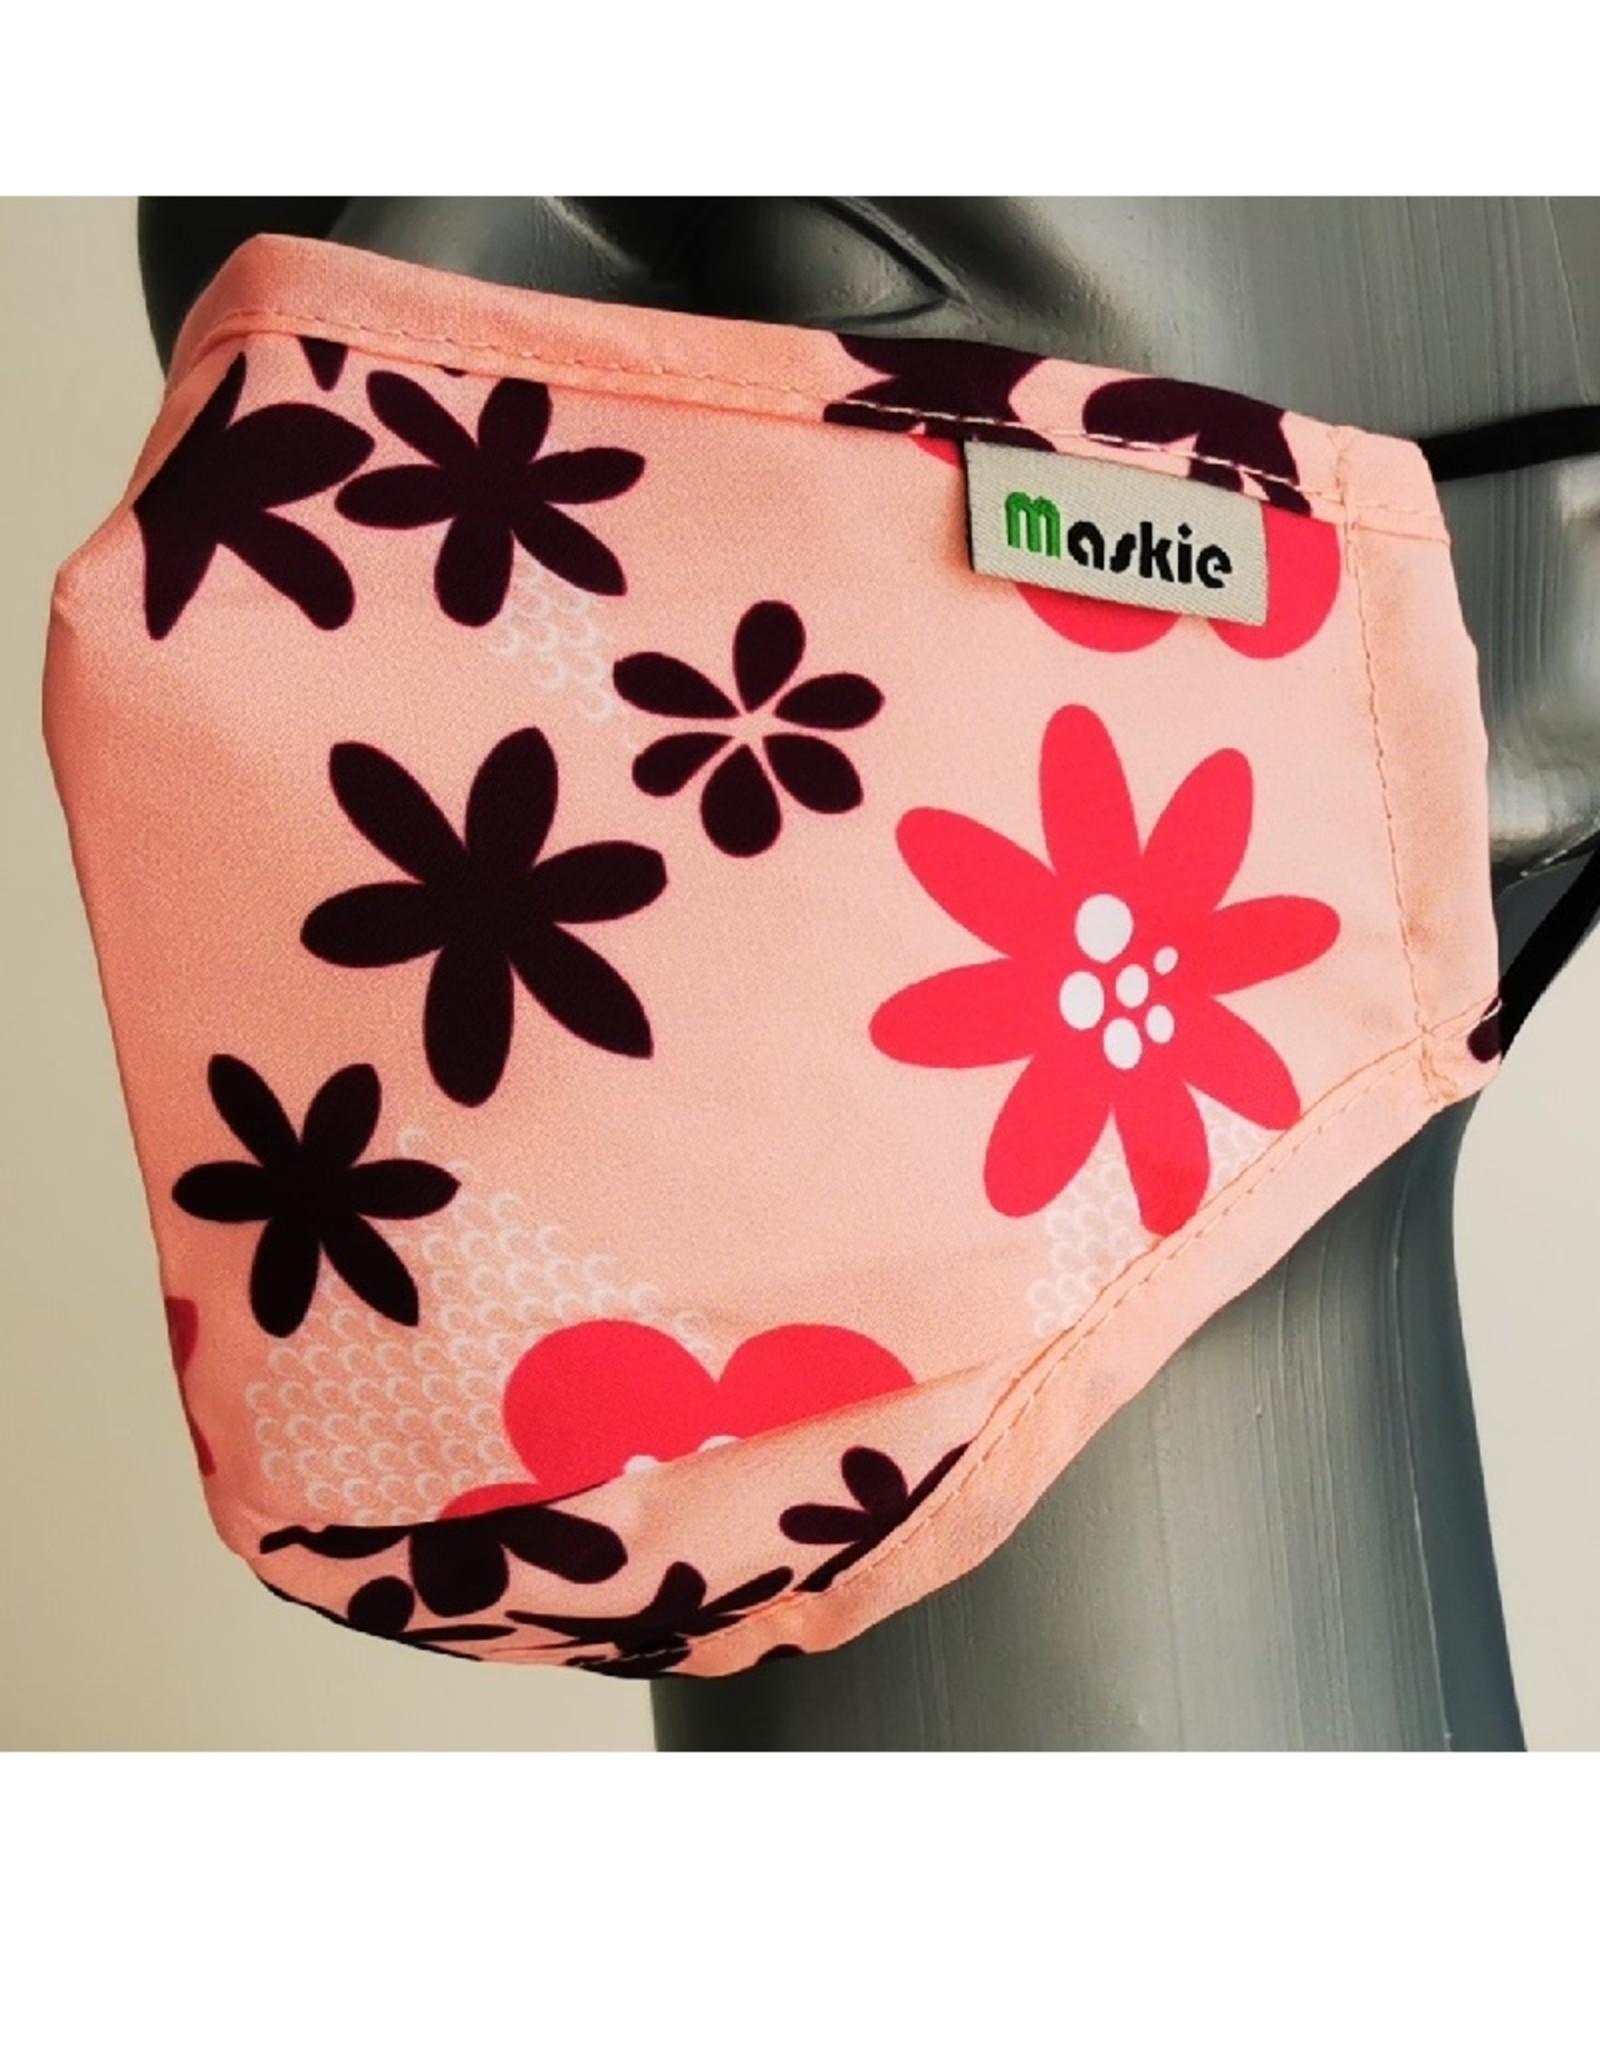 Maskie mondkapje: Roze met Bloemen